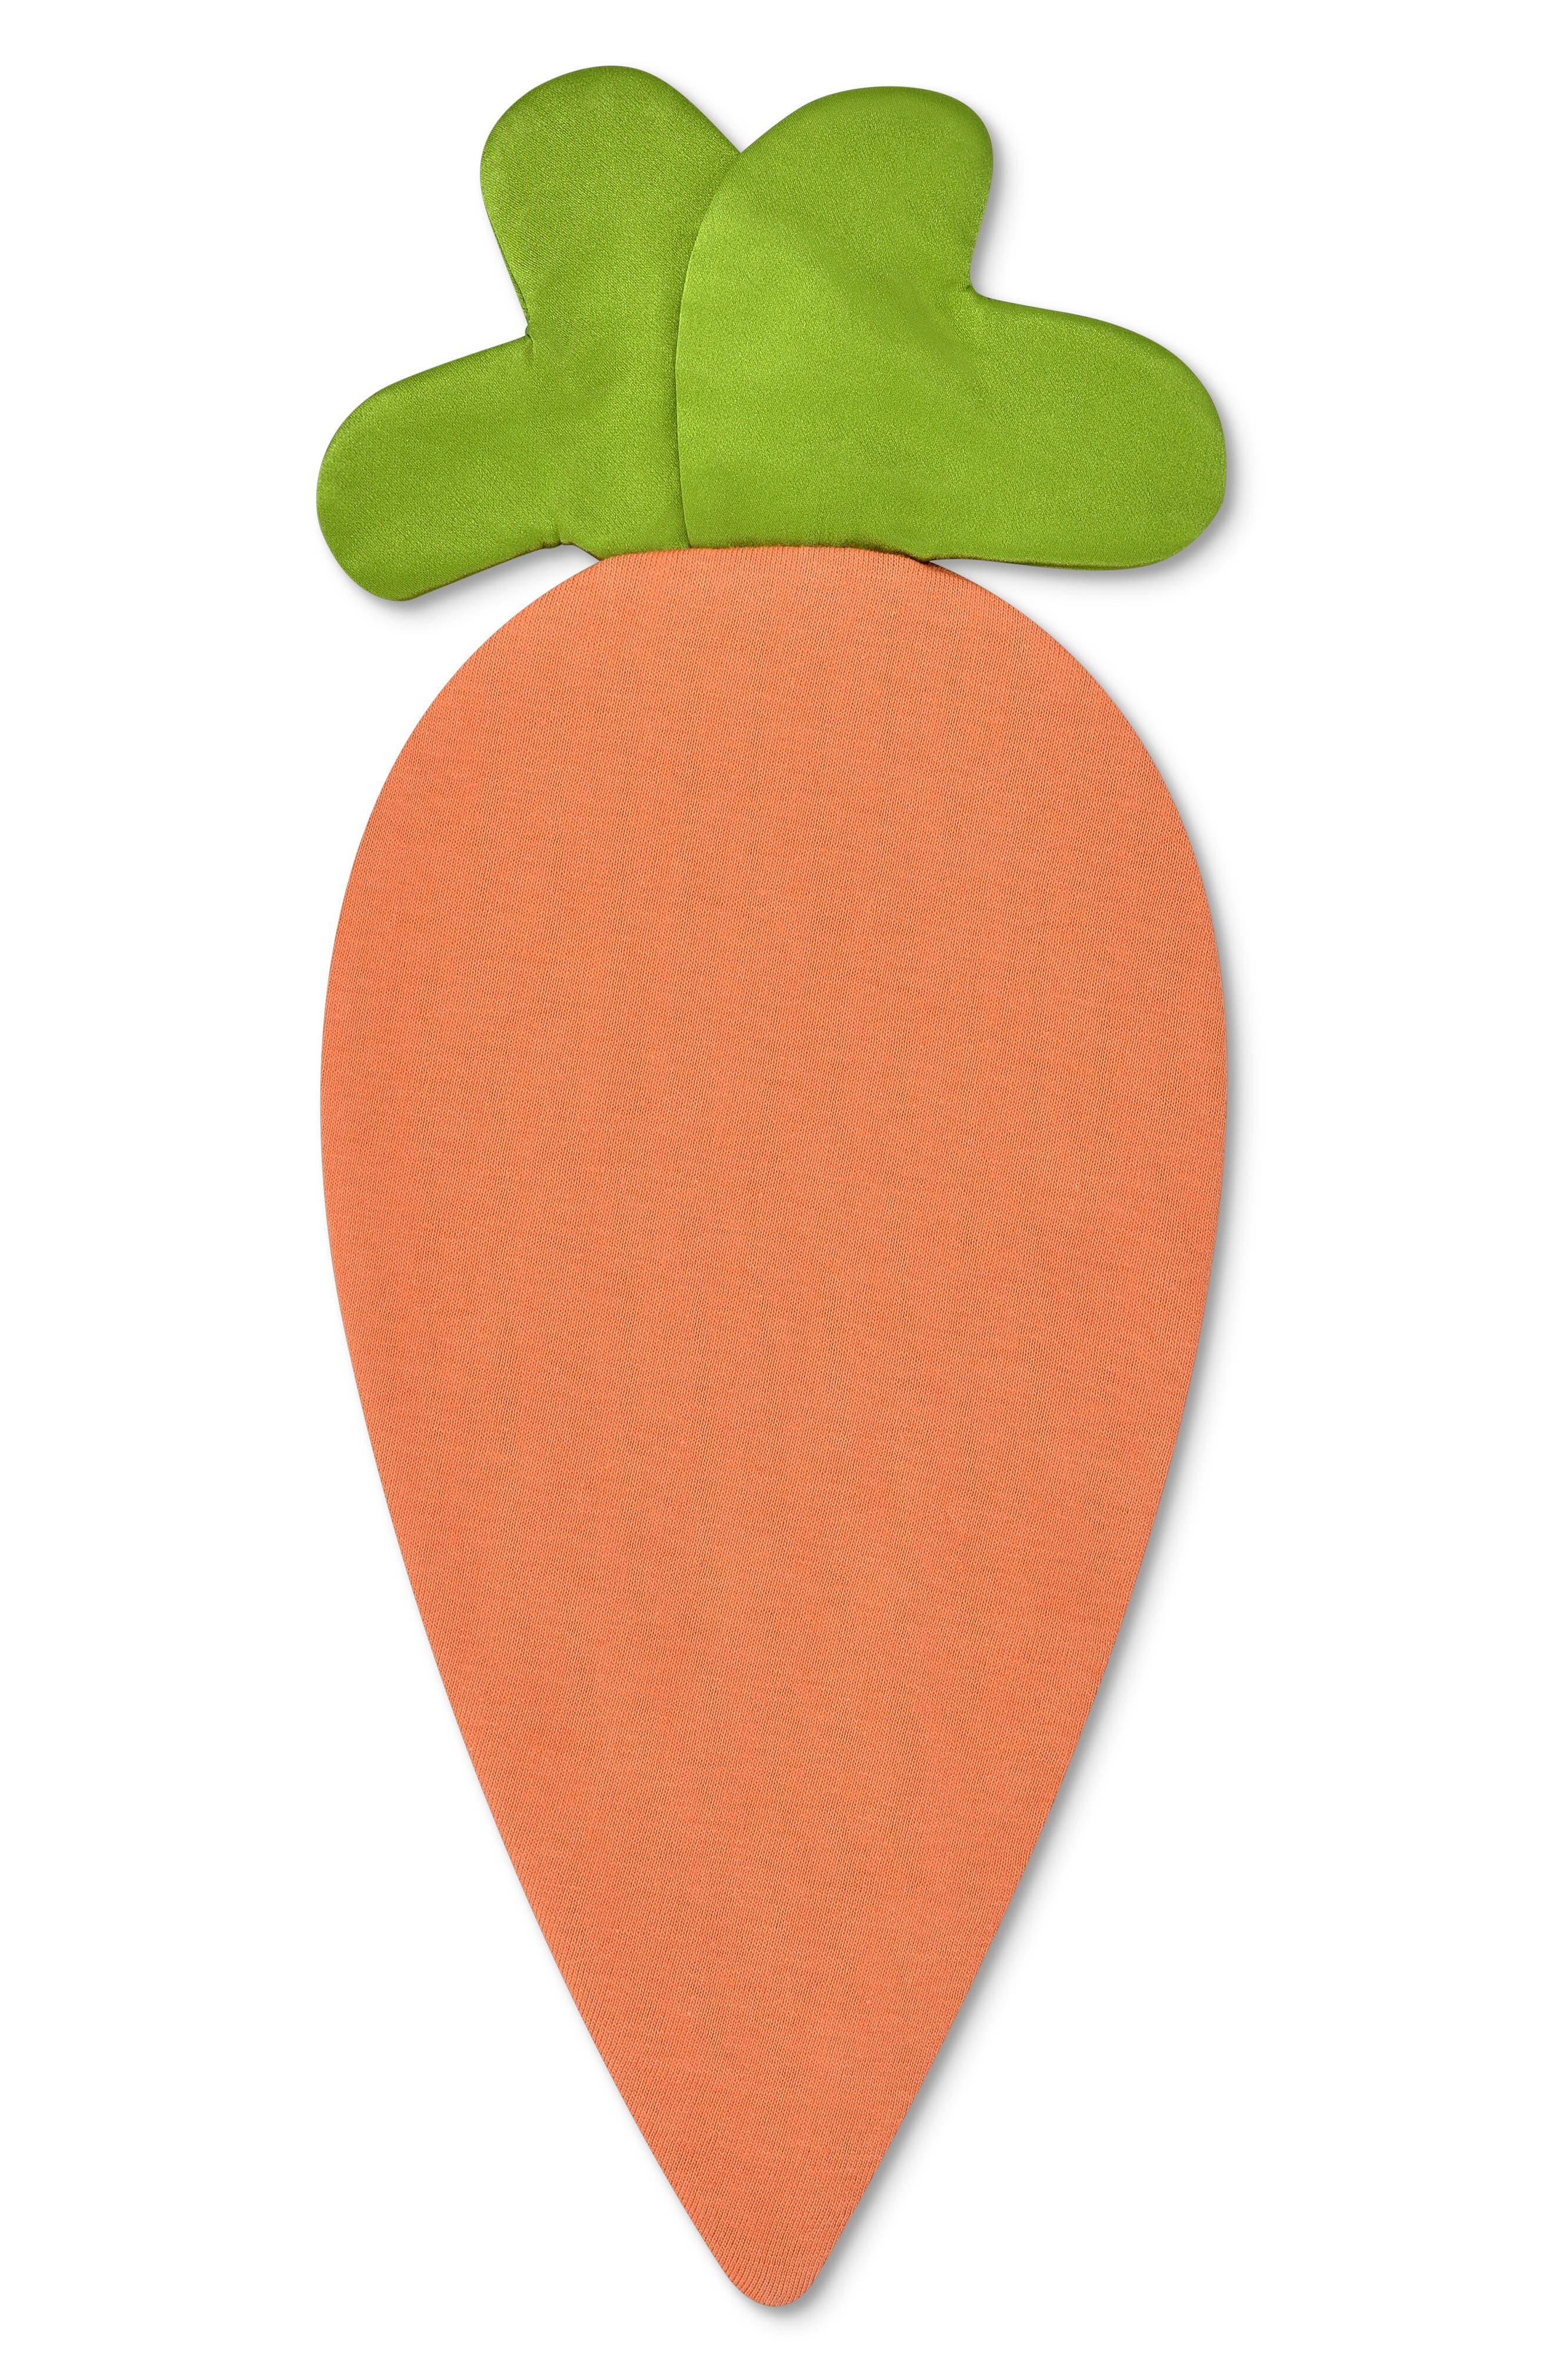 Carrot Crinkle Blankie,                             Alternate thumbnail 3, color,                             ORANGE